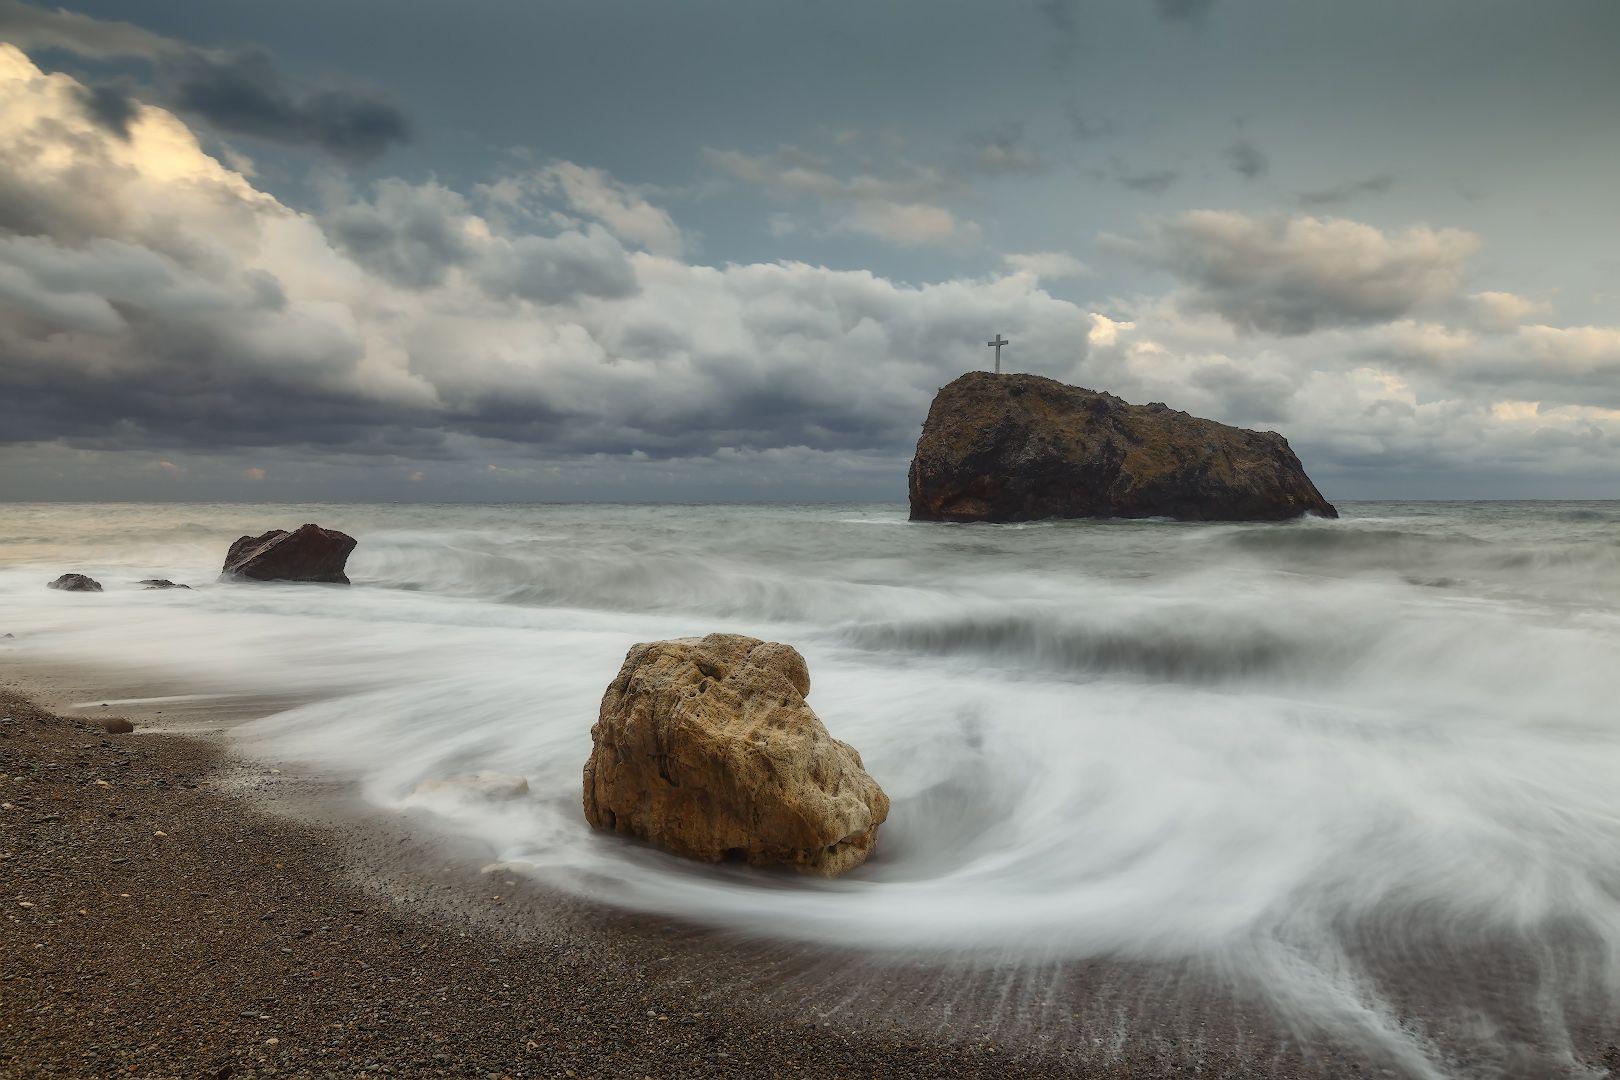 севастополь, море, шторм, закат., Дубинин Владимир